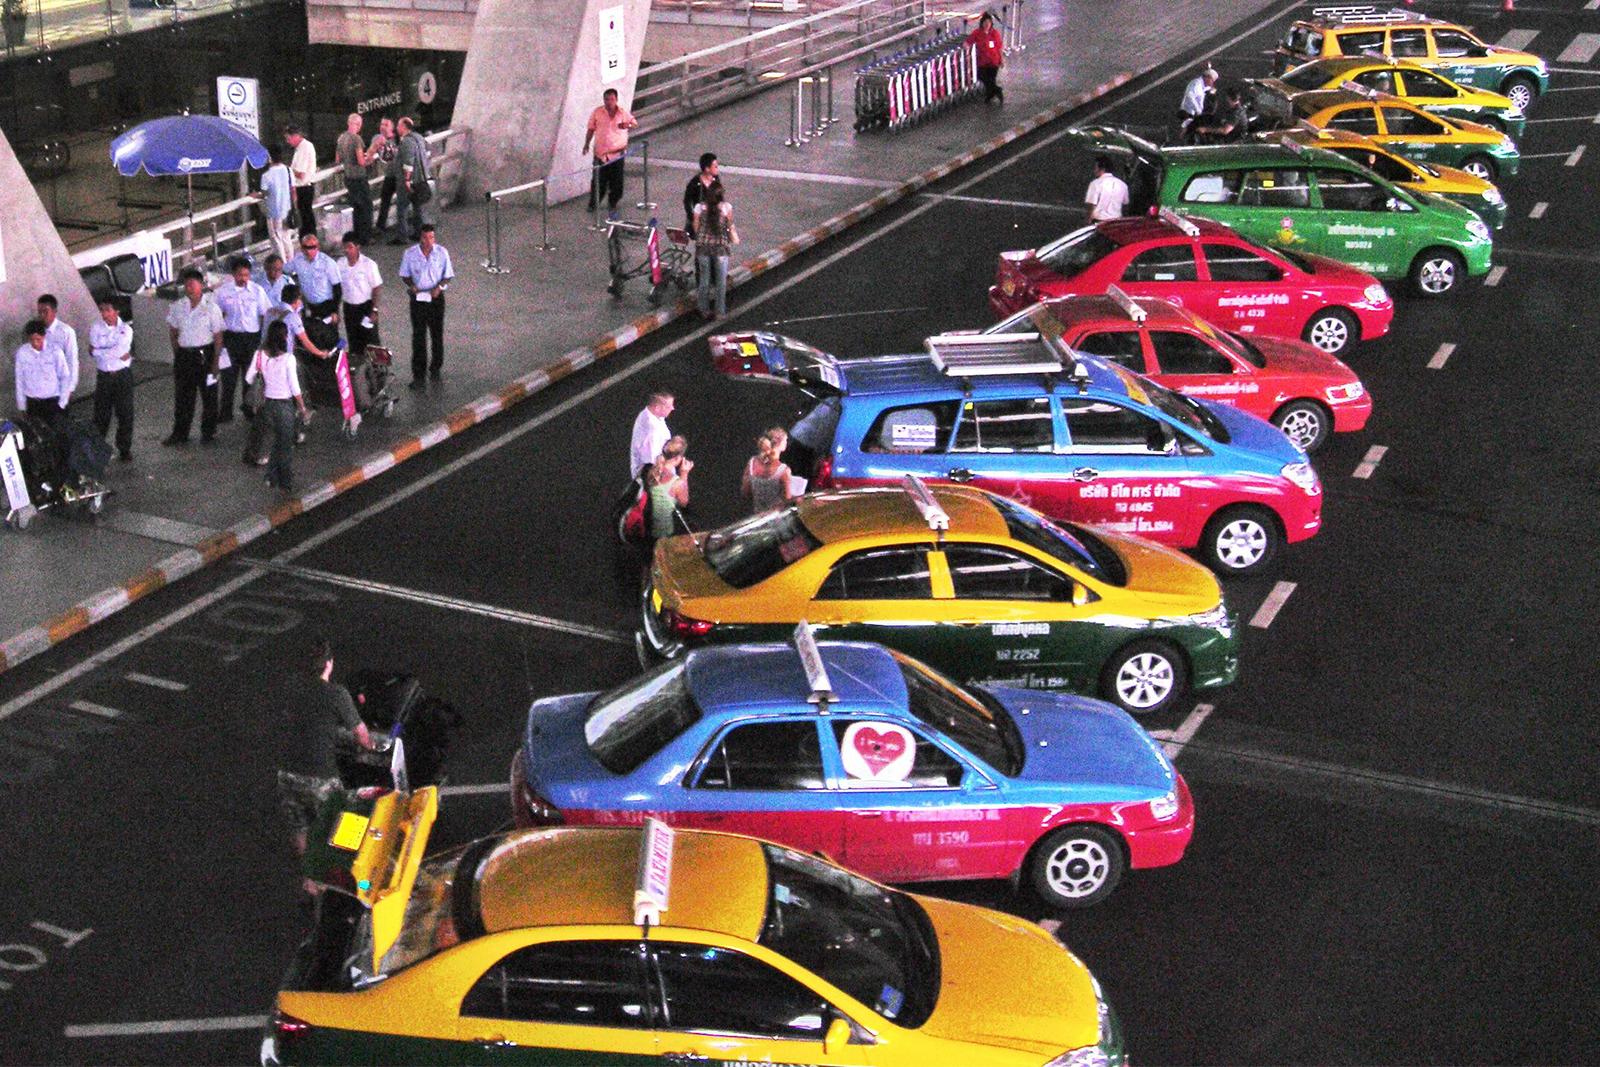 Taxis, Bangkok